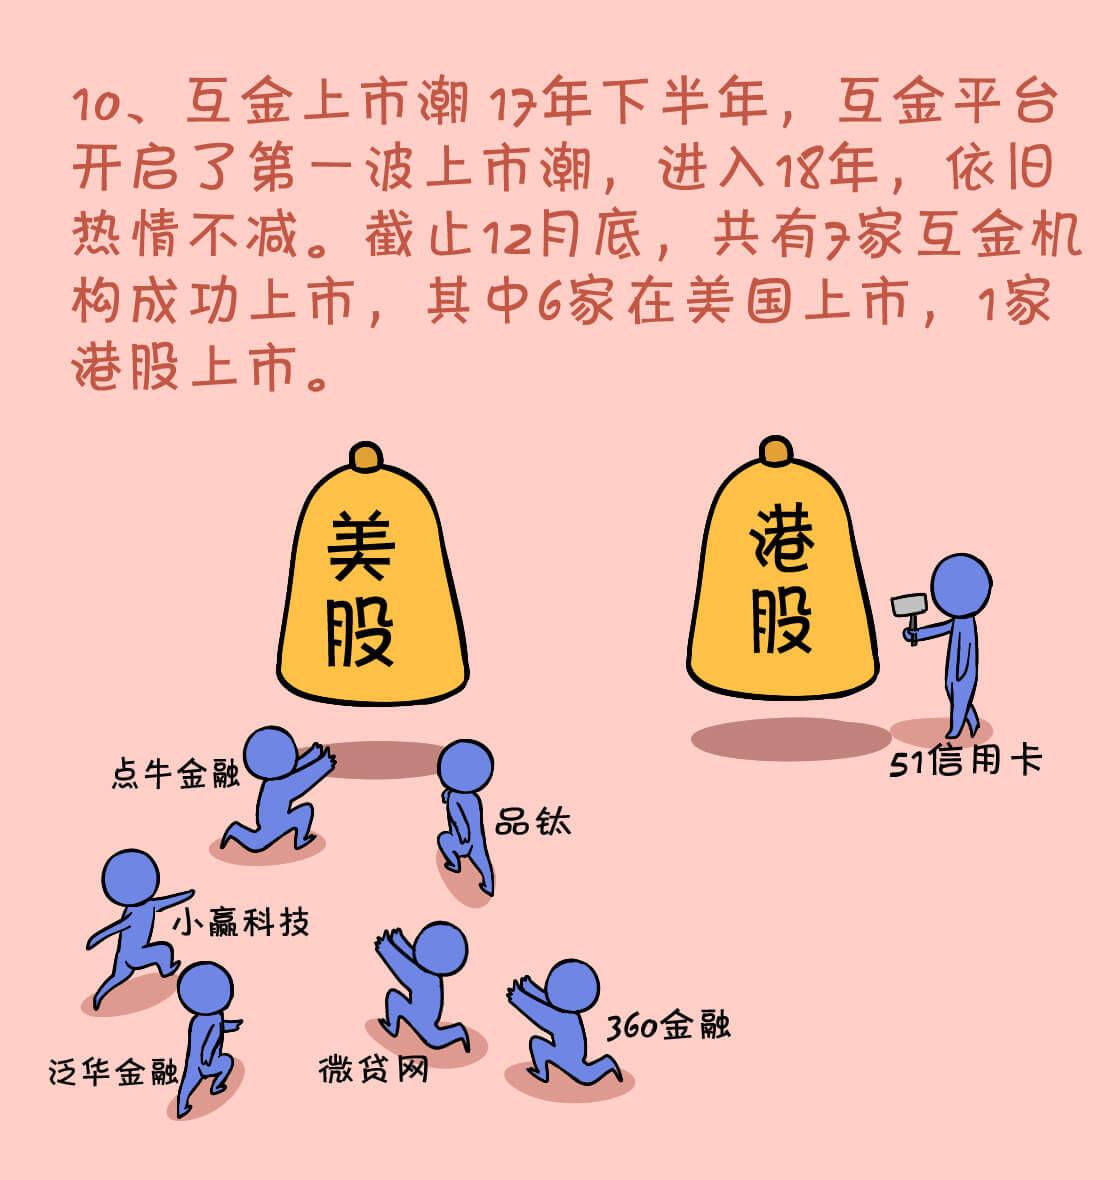 【小天漫画】2018悄悄过去 跟着二舅来波回忆杀12